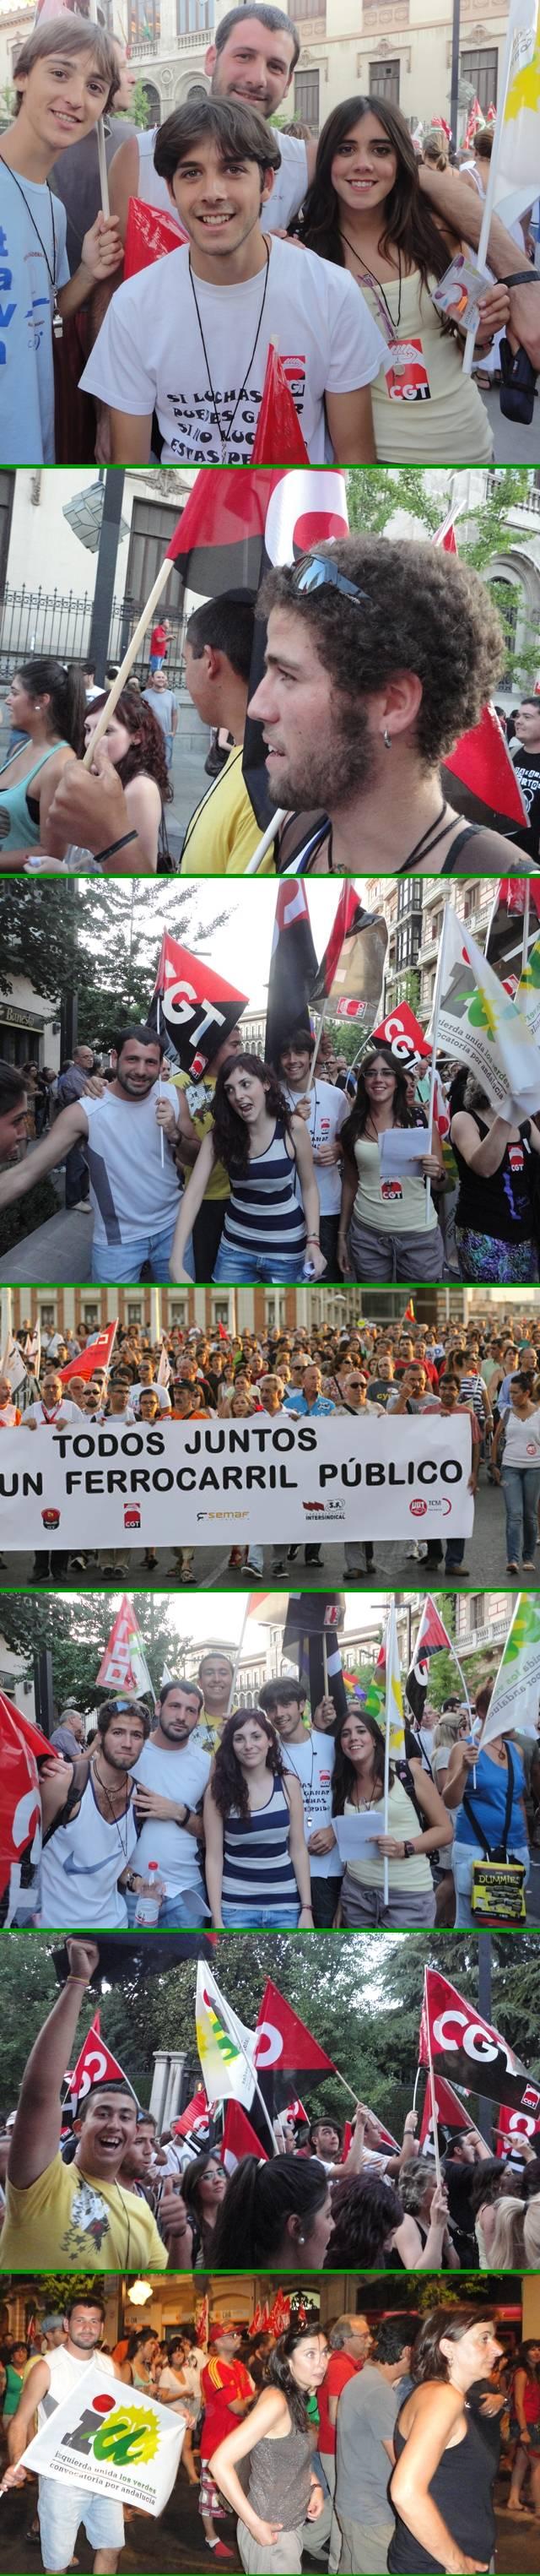 20120724192856-iugranada-julio-2012.jpg